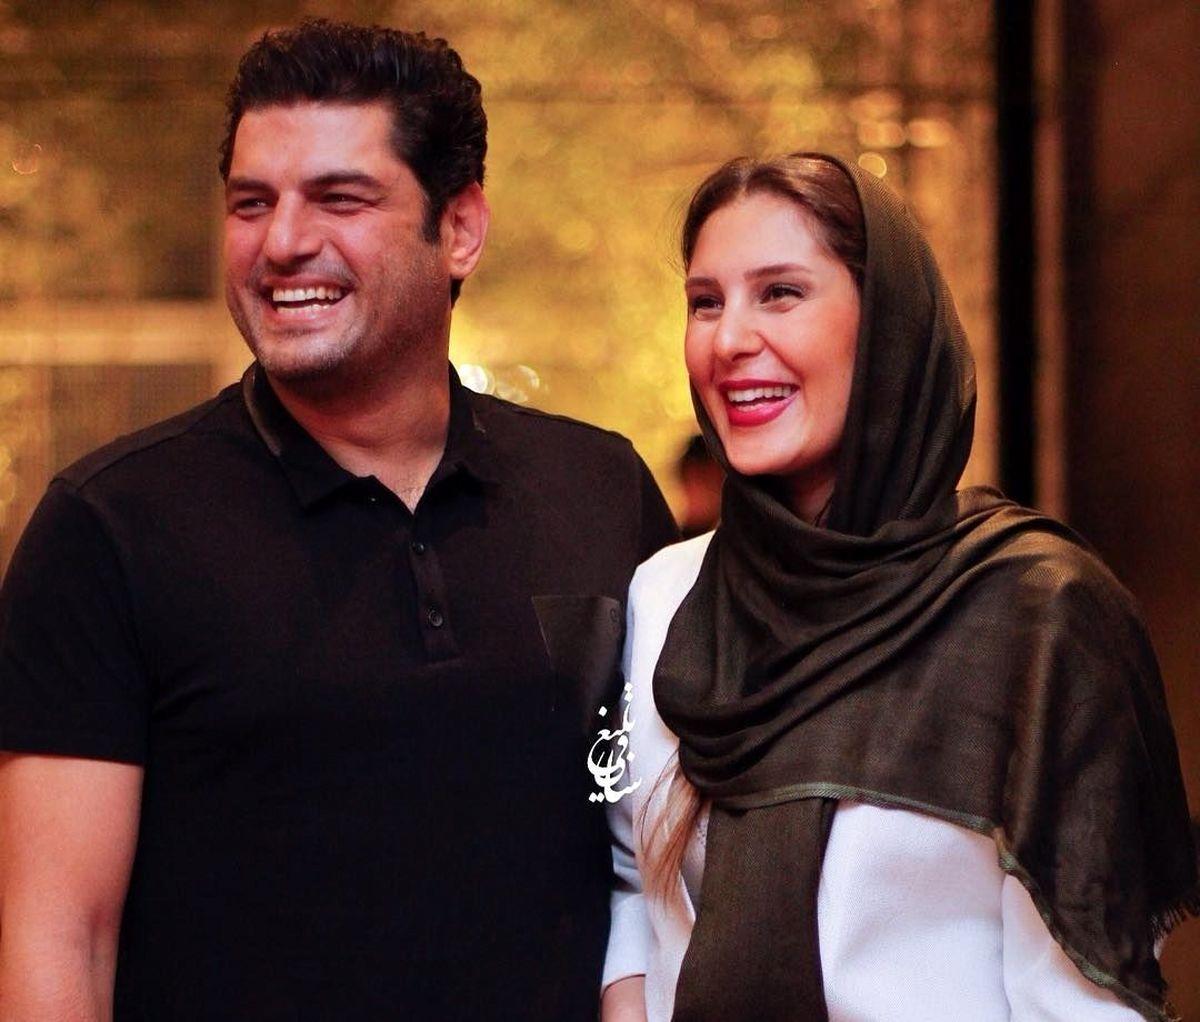 تصاویر لورفته از جشن عروسی سام درخشانی و همسرش